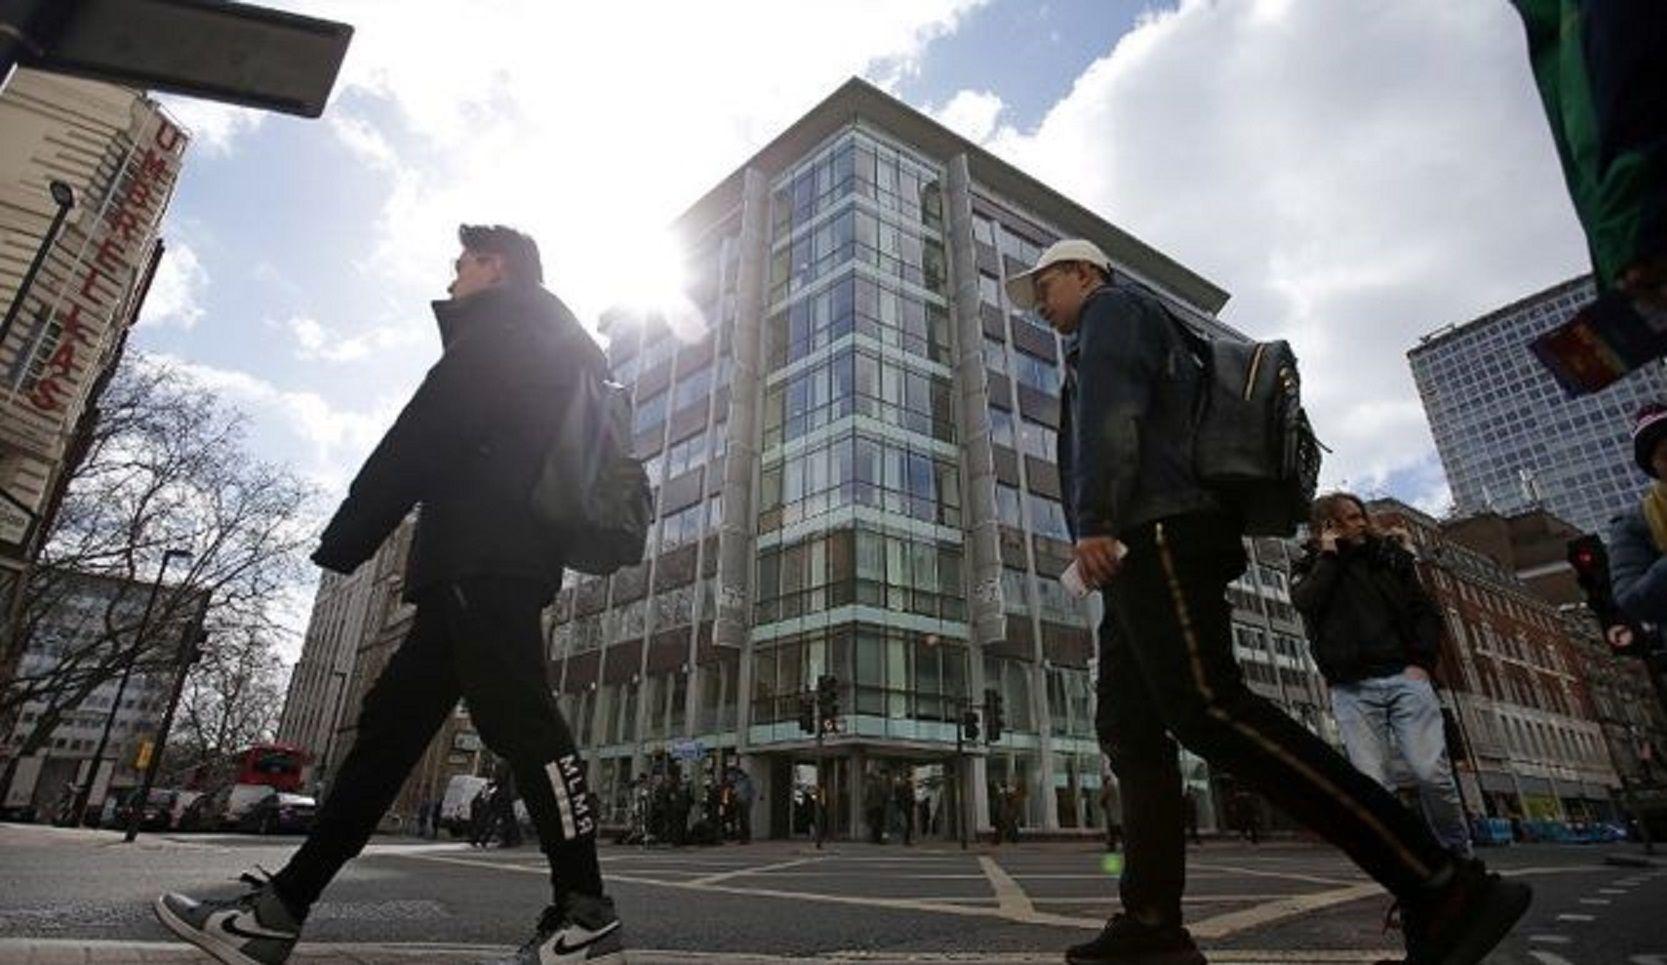 Encontraron un paquete sospechoso en la sede de Cambridge Analytica en Londres